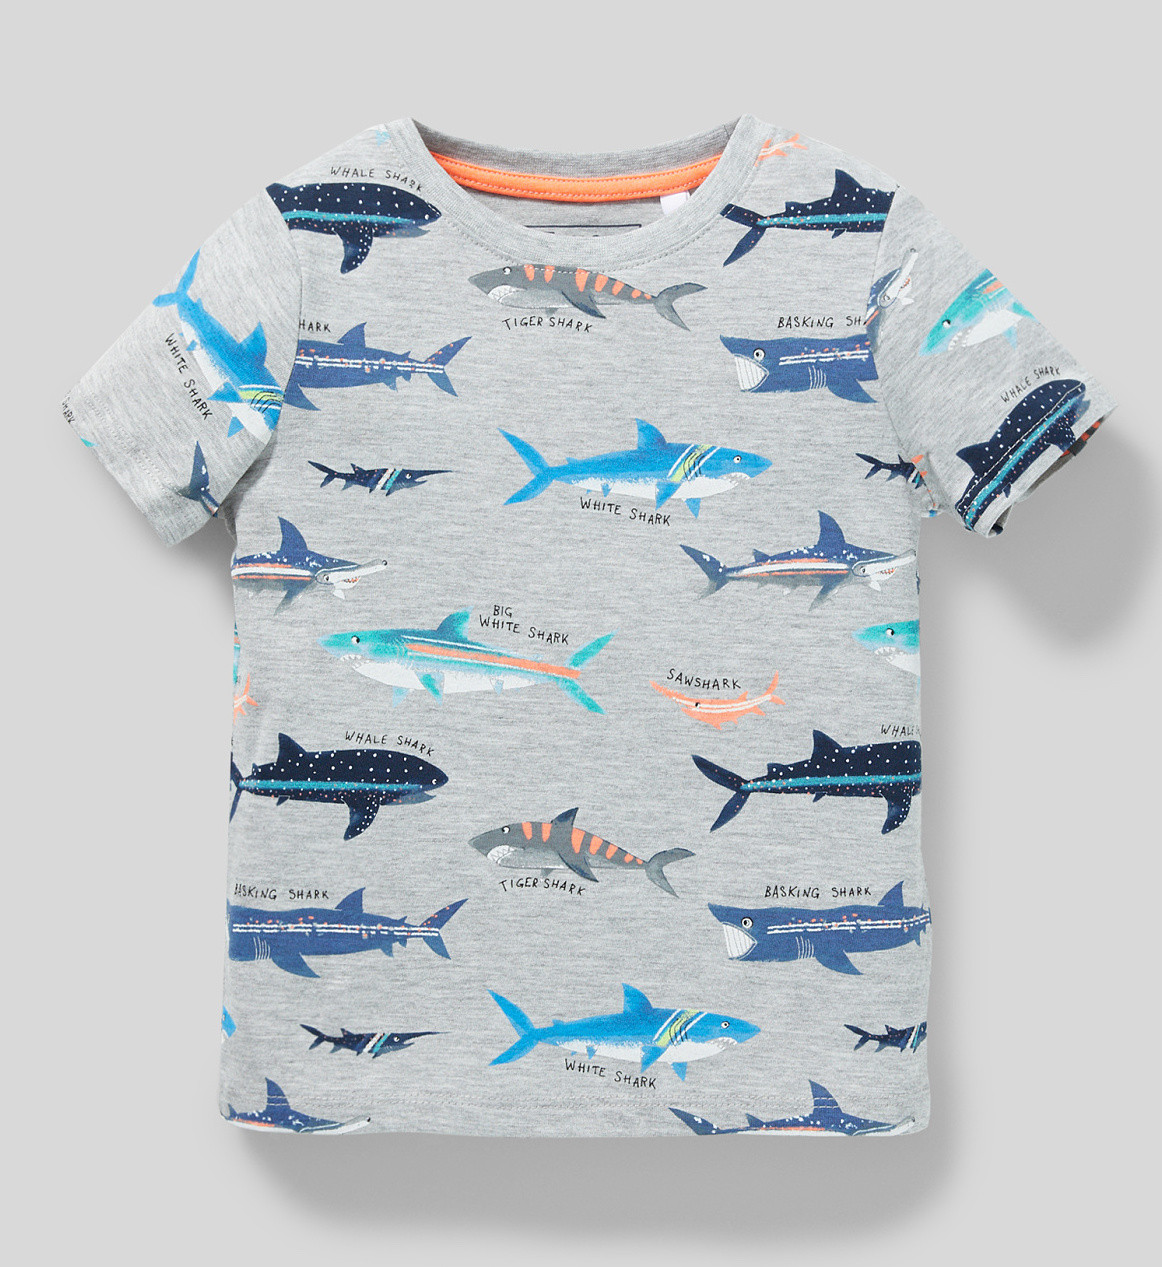 Детская футболка с акулами для мальчика C&A Германия Размер 110, 116